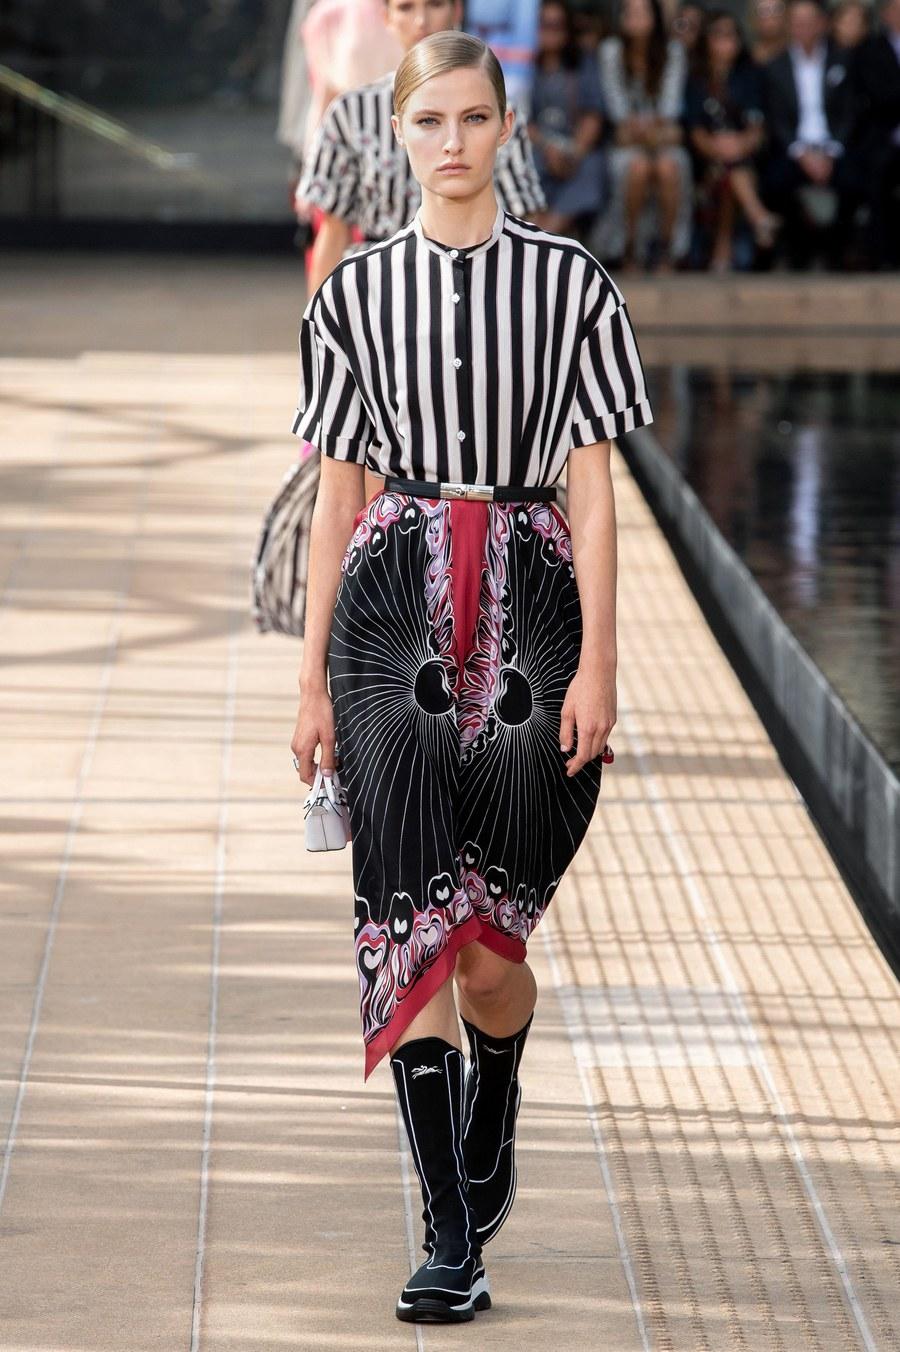 عرض أزياء Longchamp  بأسبوع الموضة بنيويورك (10)